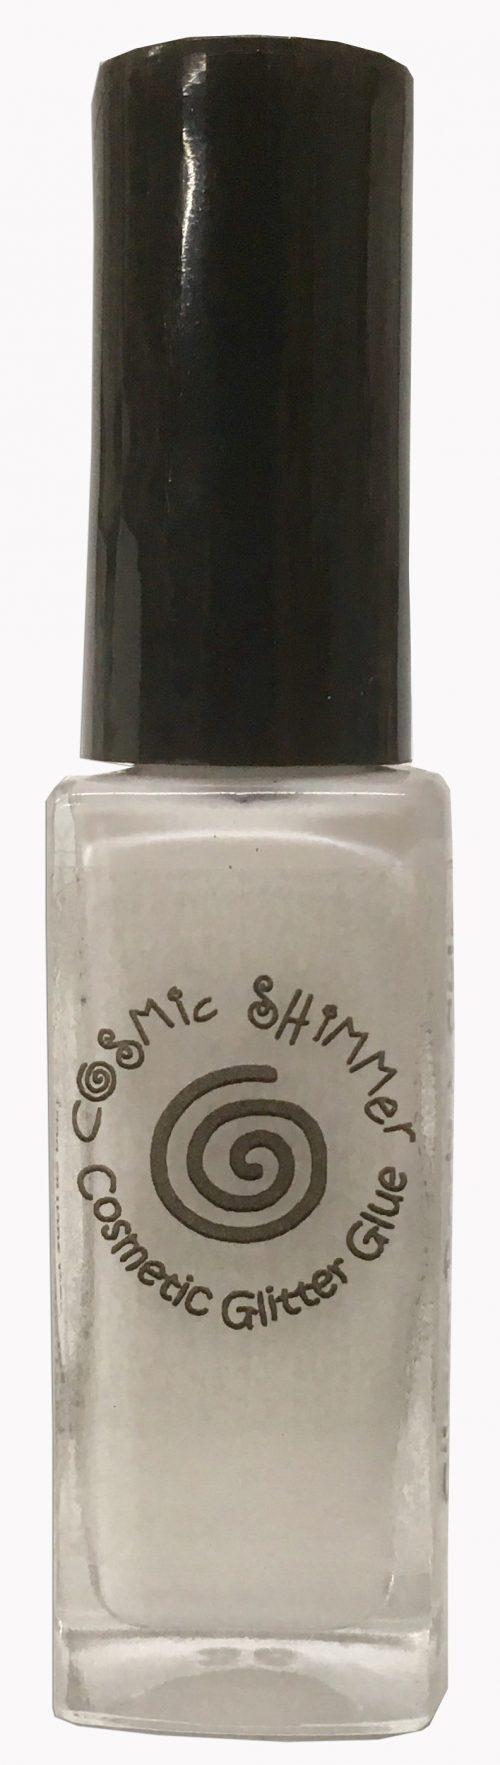 Cosmetic Glitter Glue